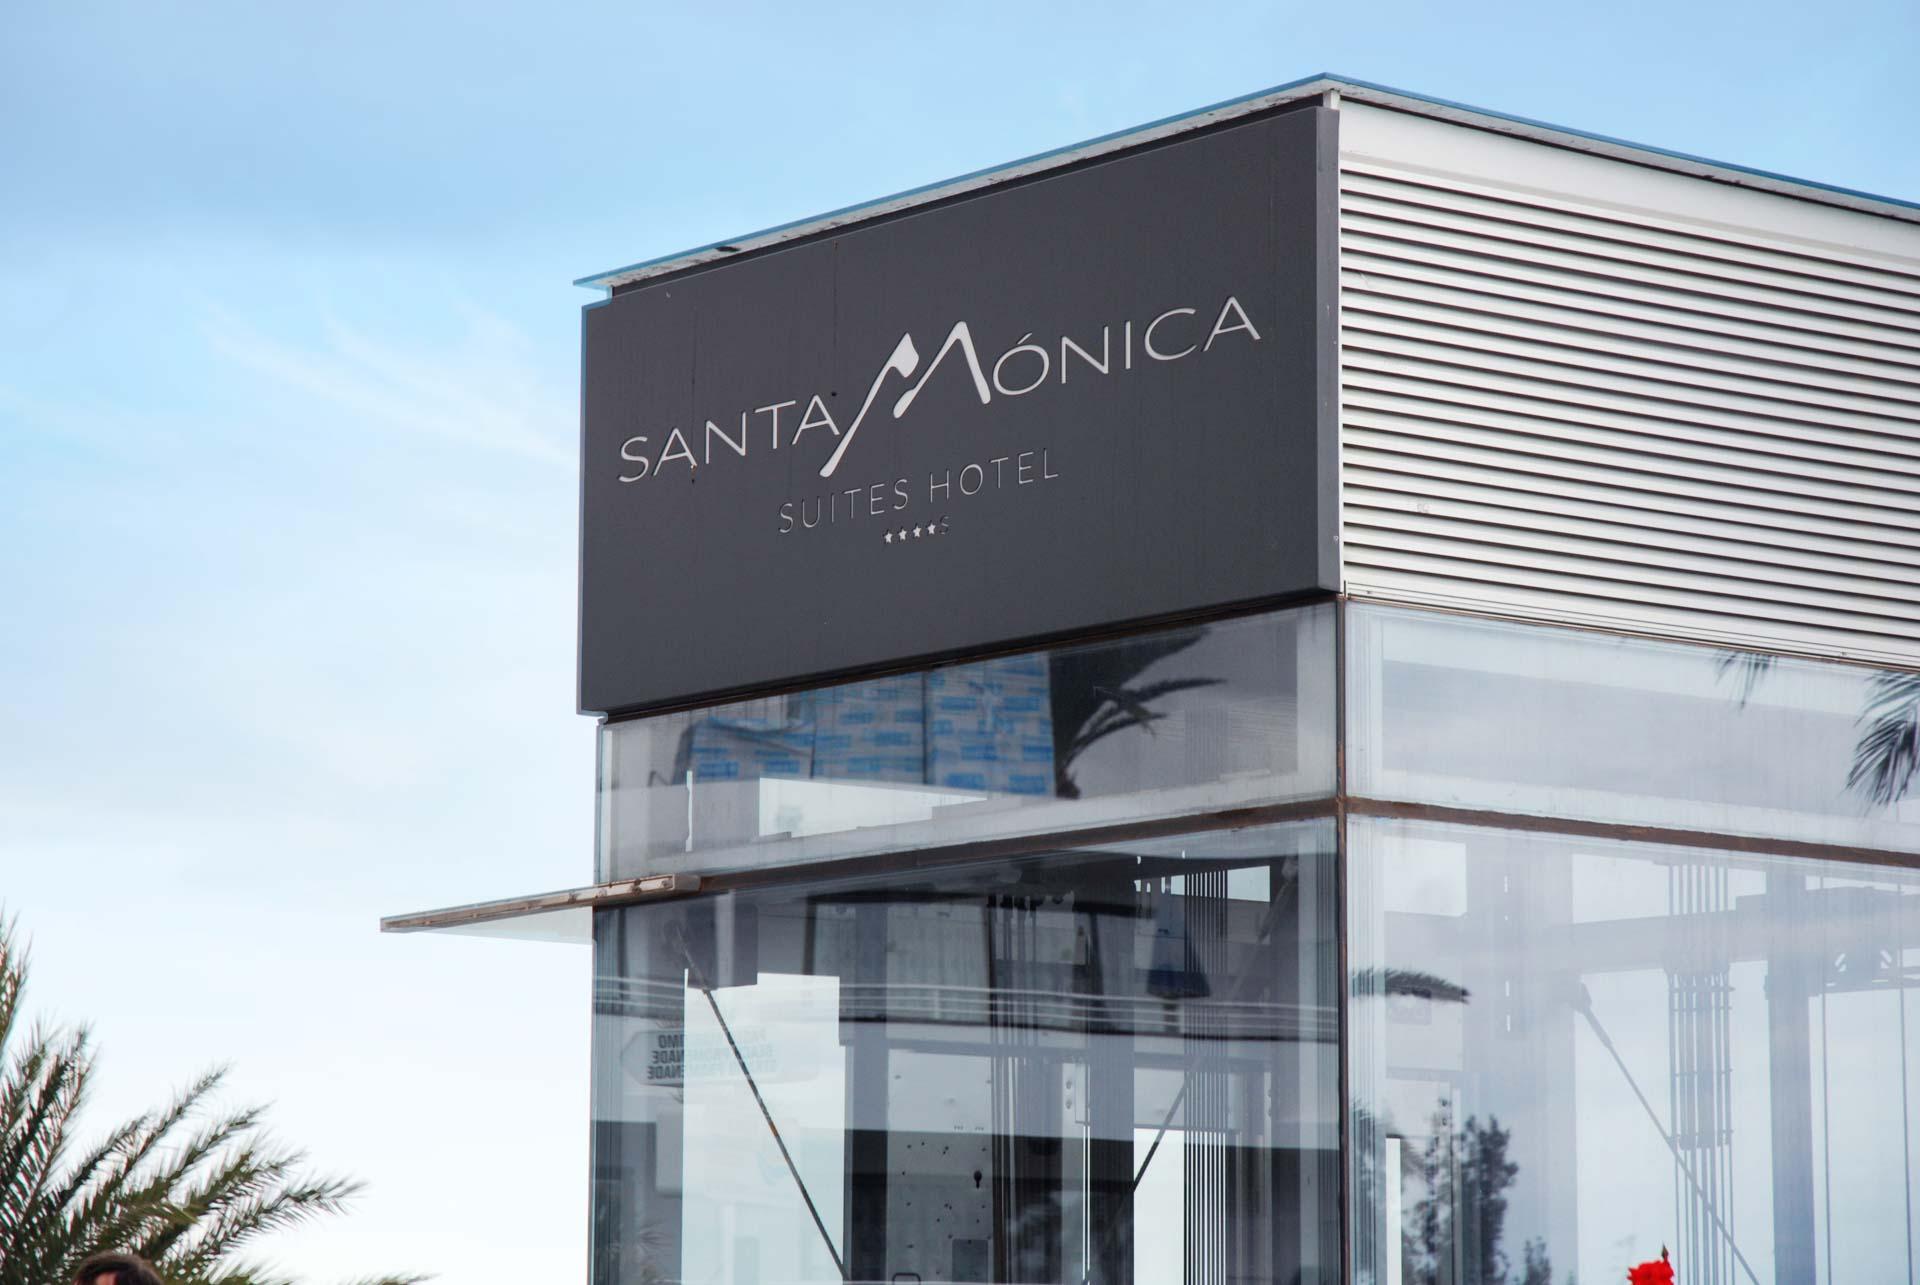 Renovación integral de instalaciones de aire acondicionado, ACS y piscinas en complejo de apartamentos que sube de categoría a hotel 4 *